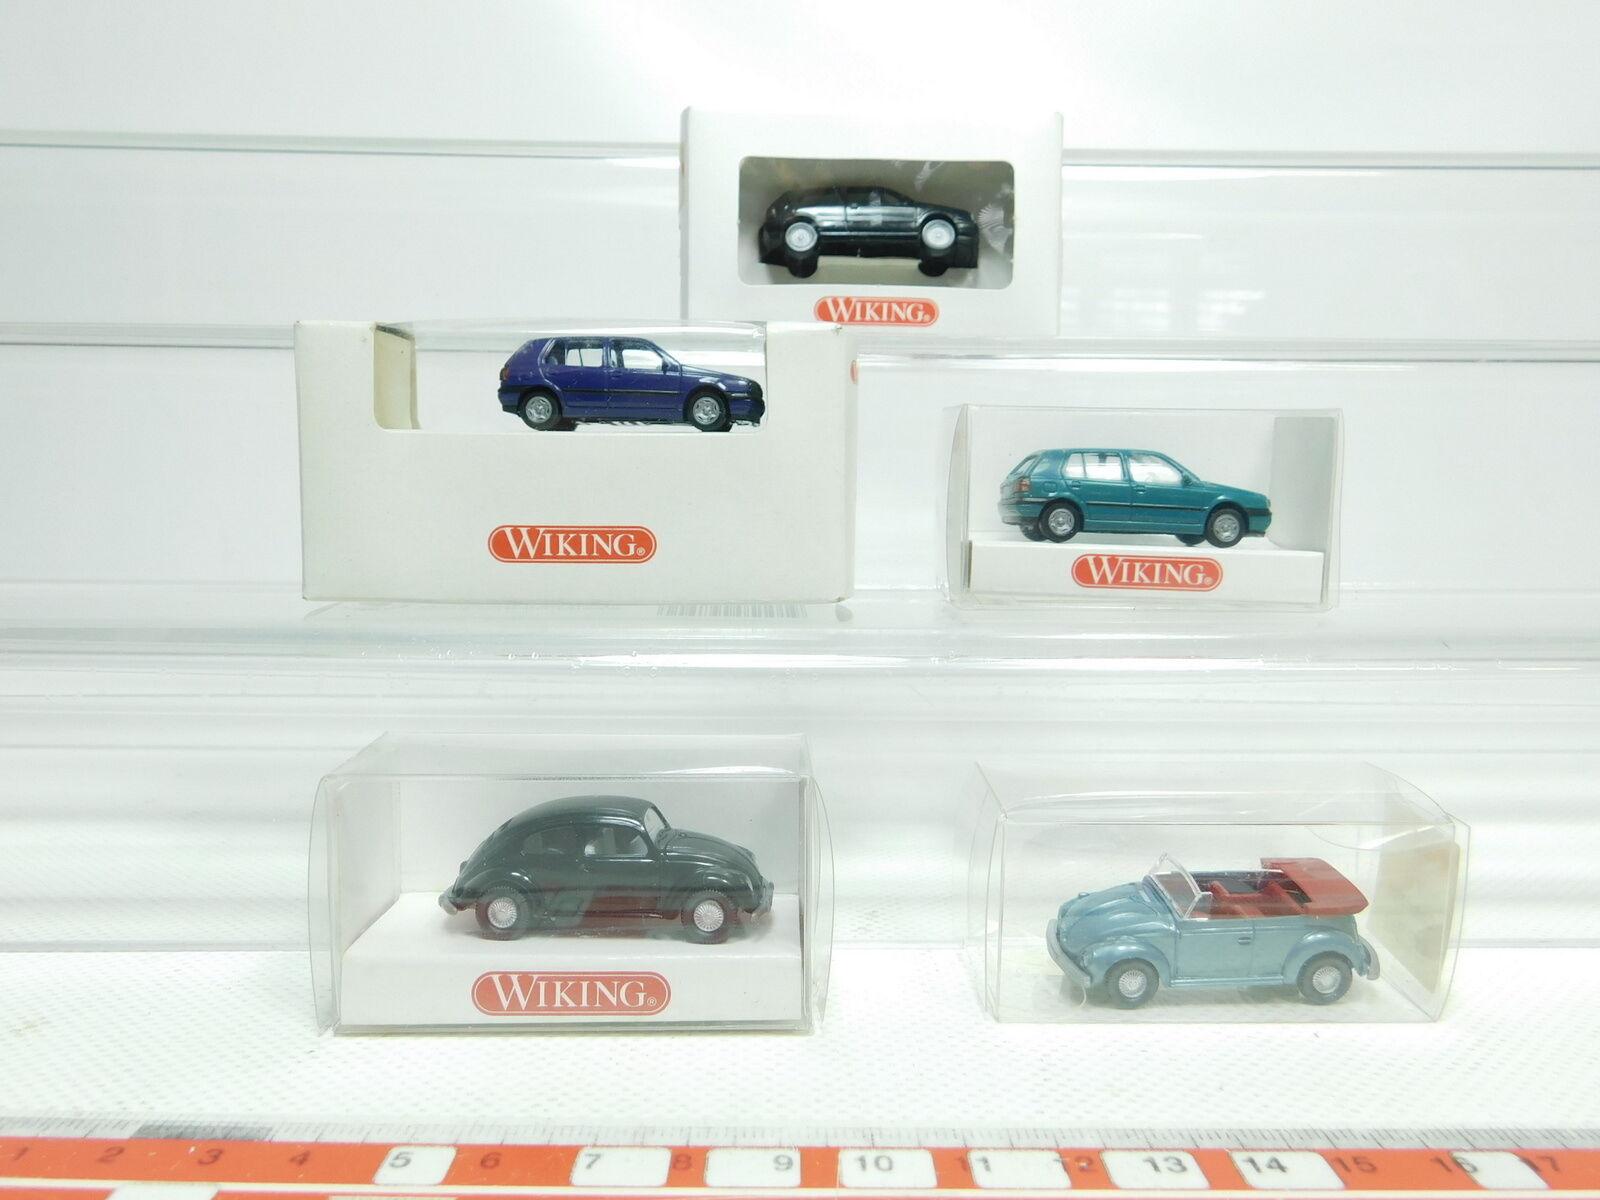 Bk15-0, 5  5x WIKING h0 1 87 Voiture Volkswagen  033  830  052  051, Neuw  neuf dans sa boîte